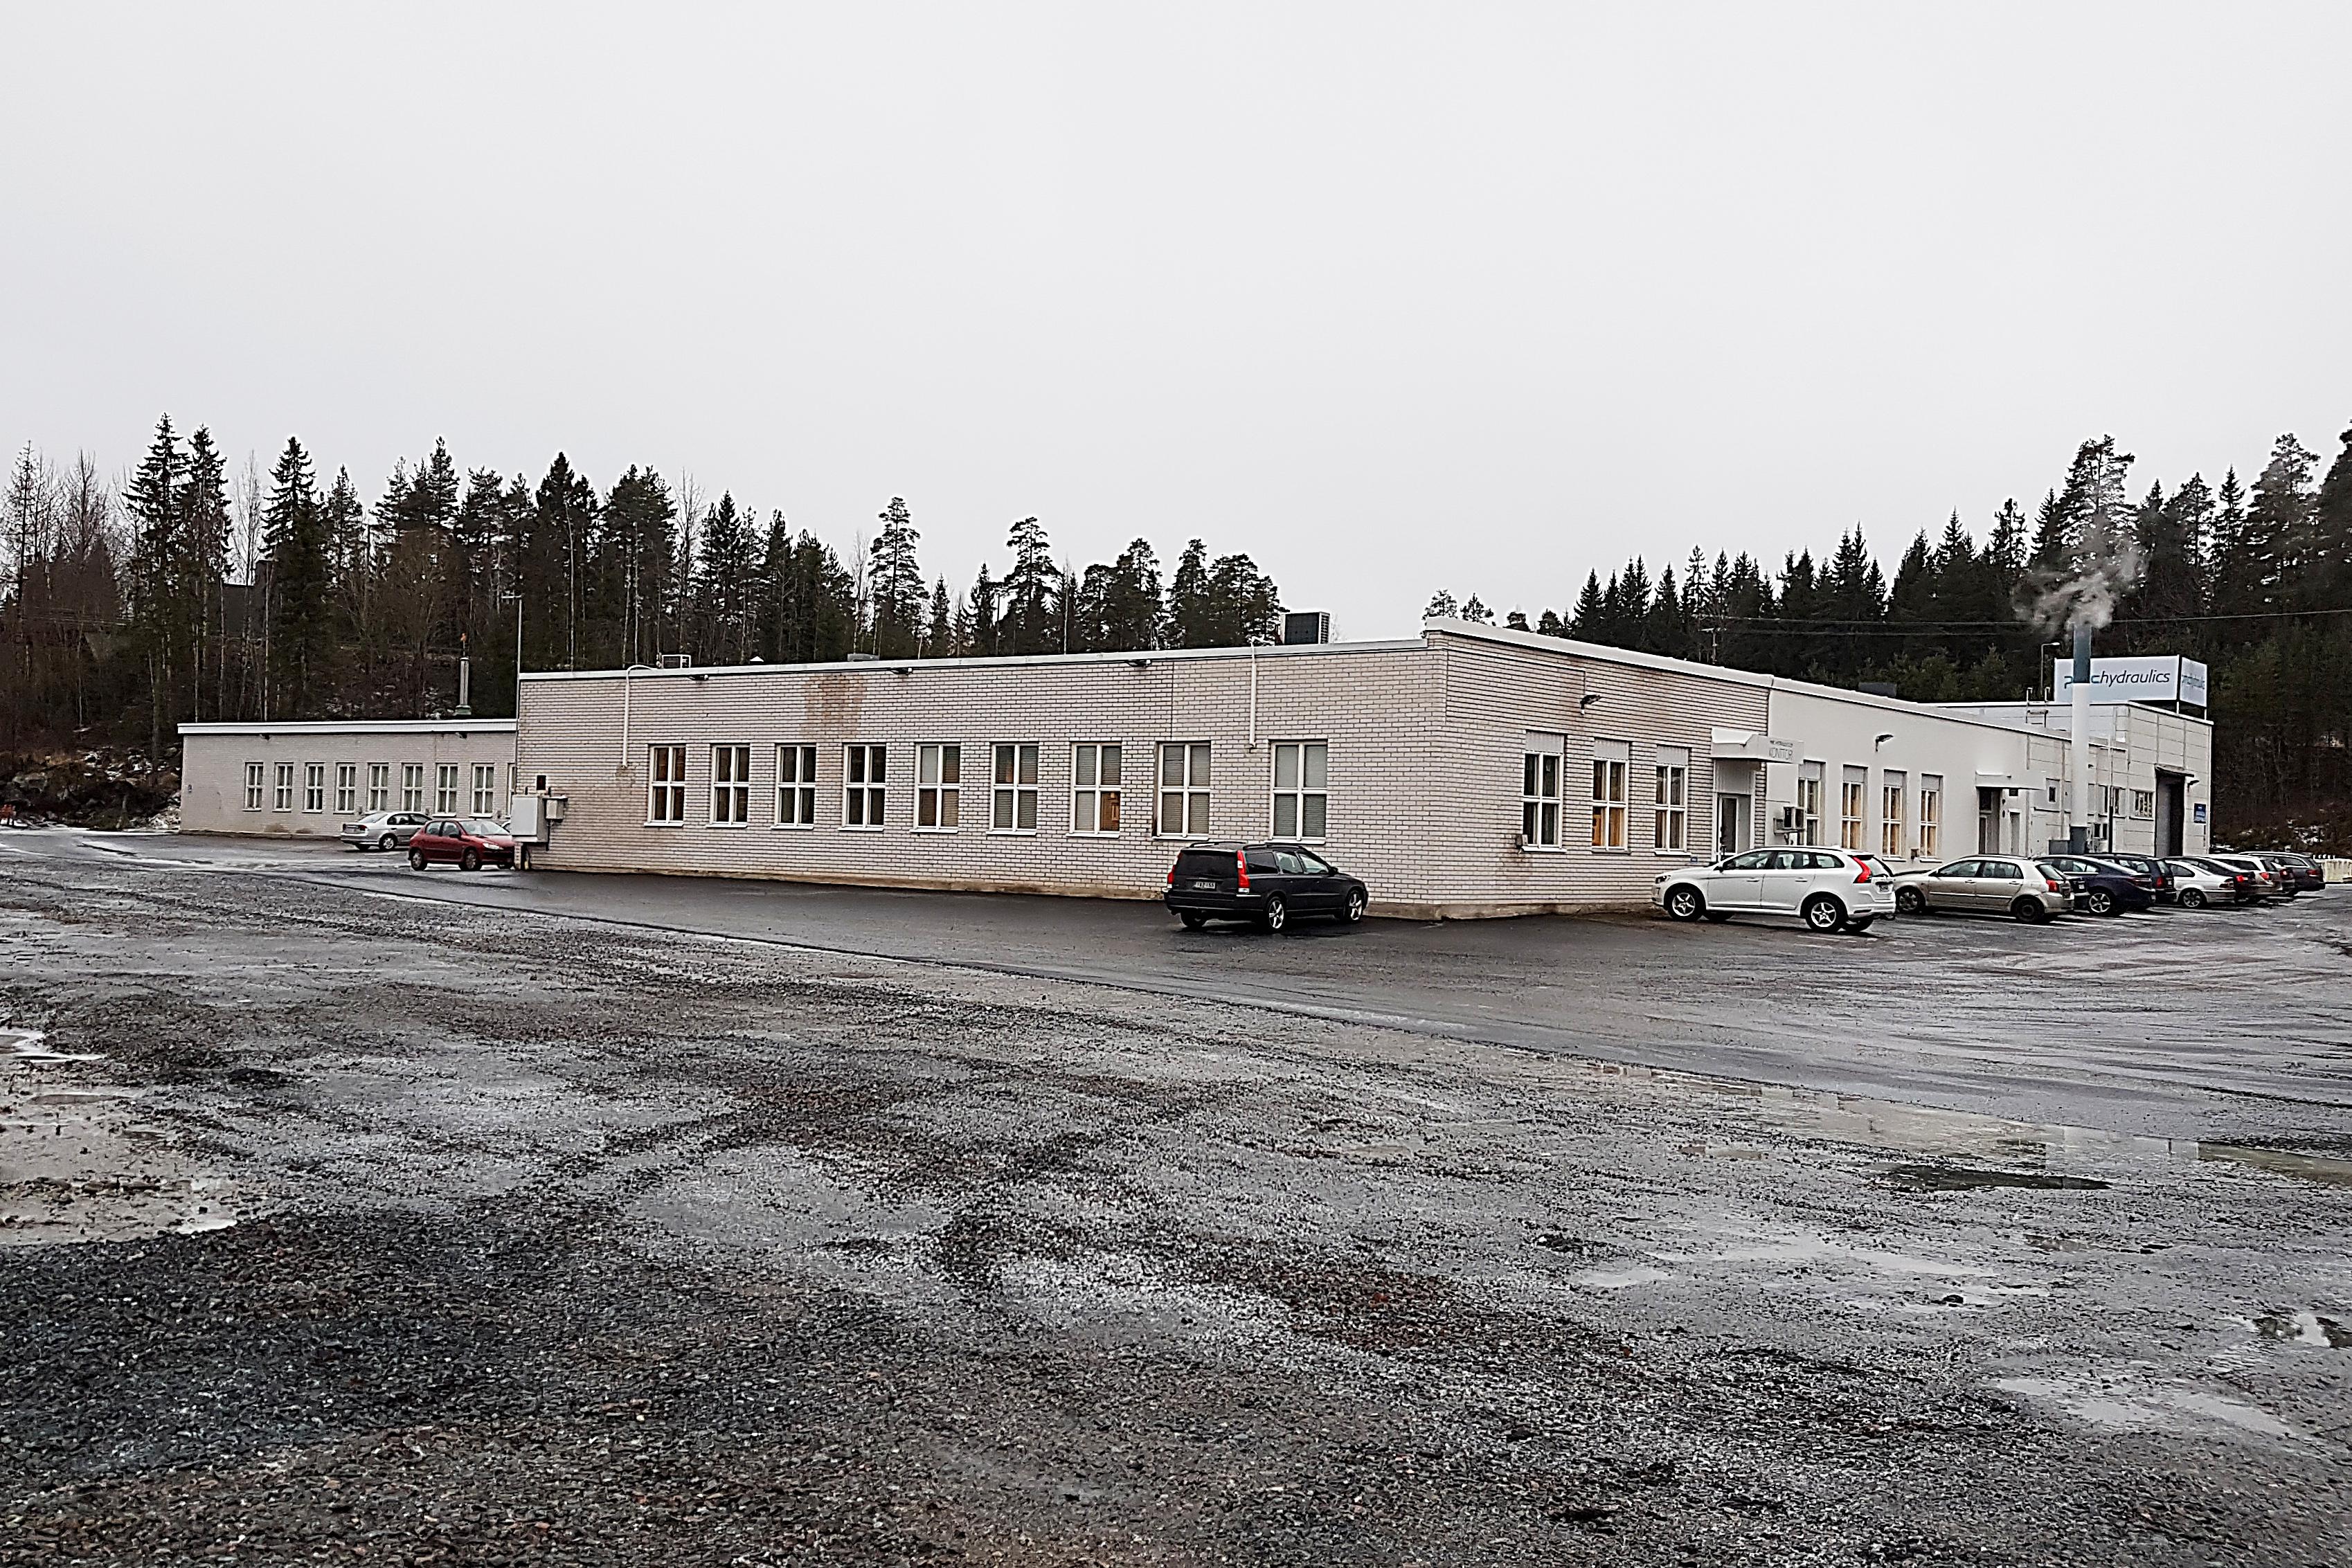 Tatekanpolku 2, Sääksjärvi, Lempäälä